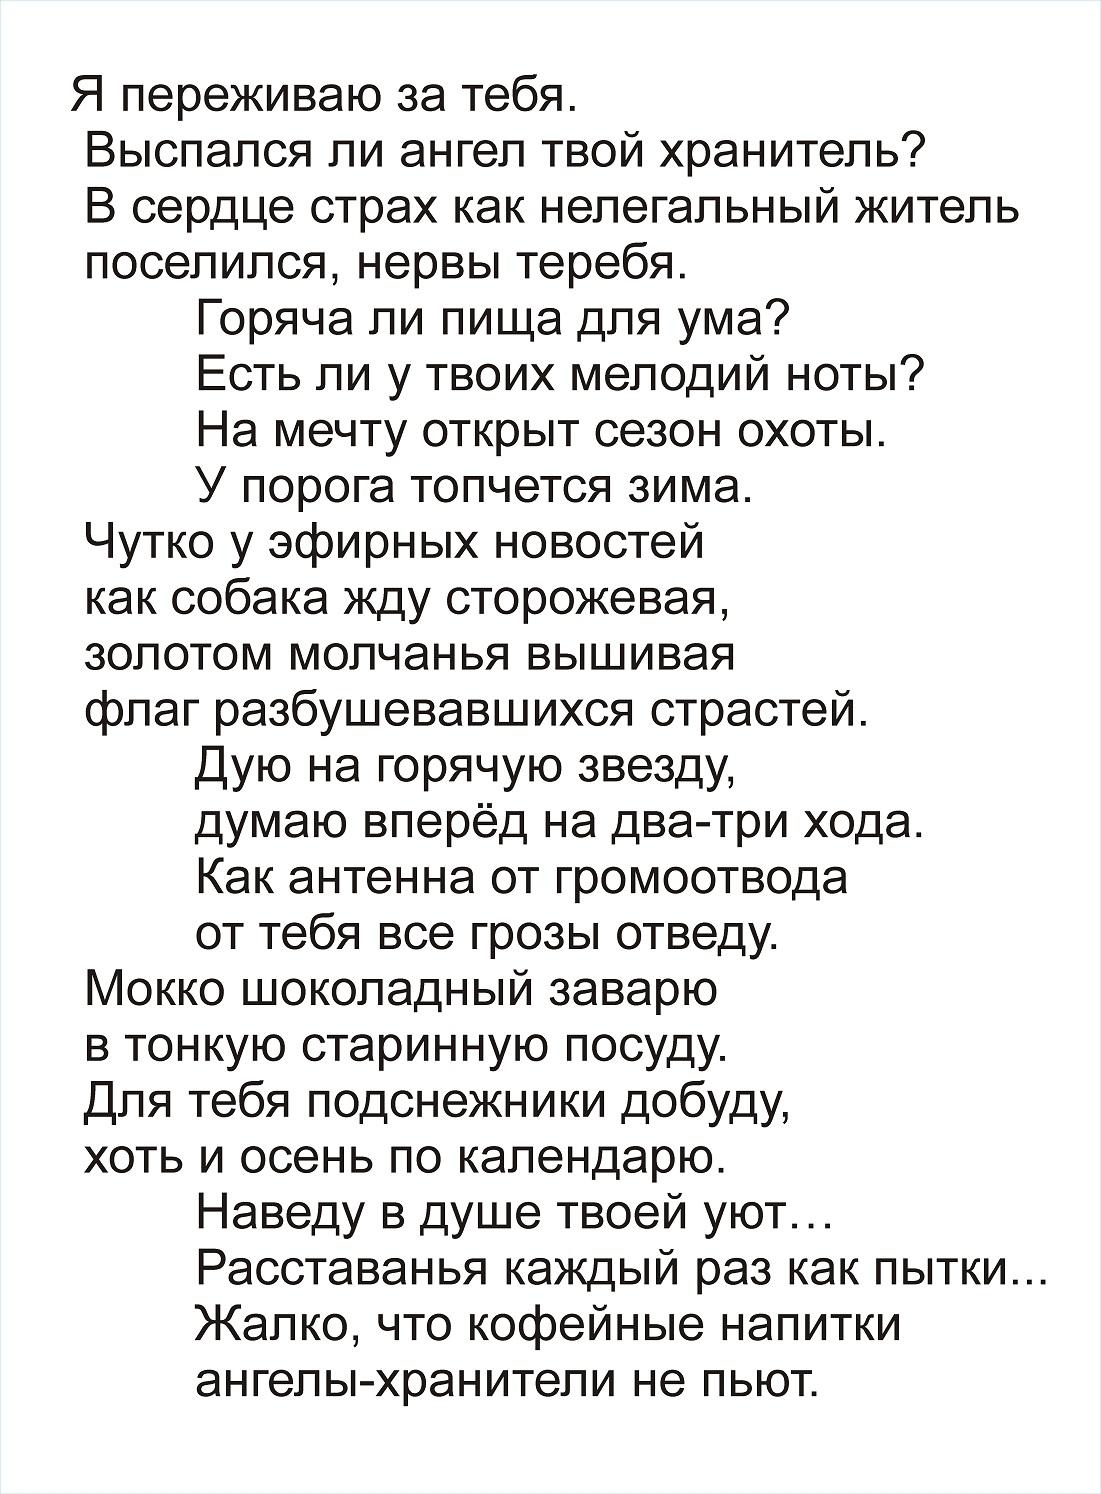 Стих нам пережить